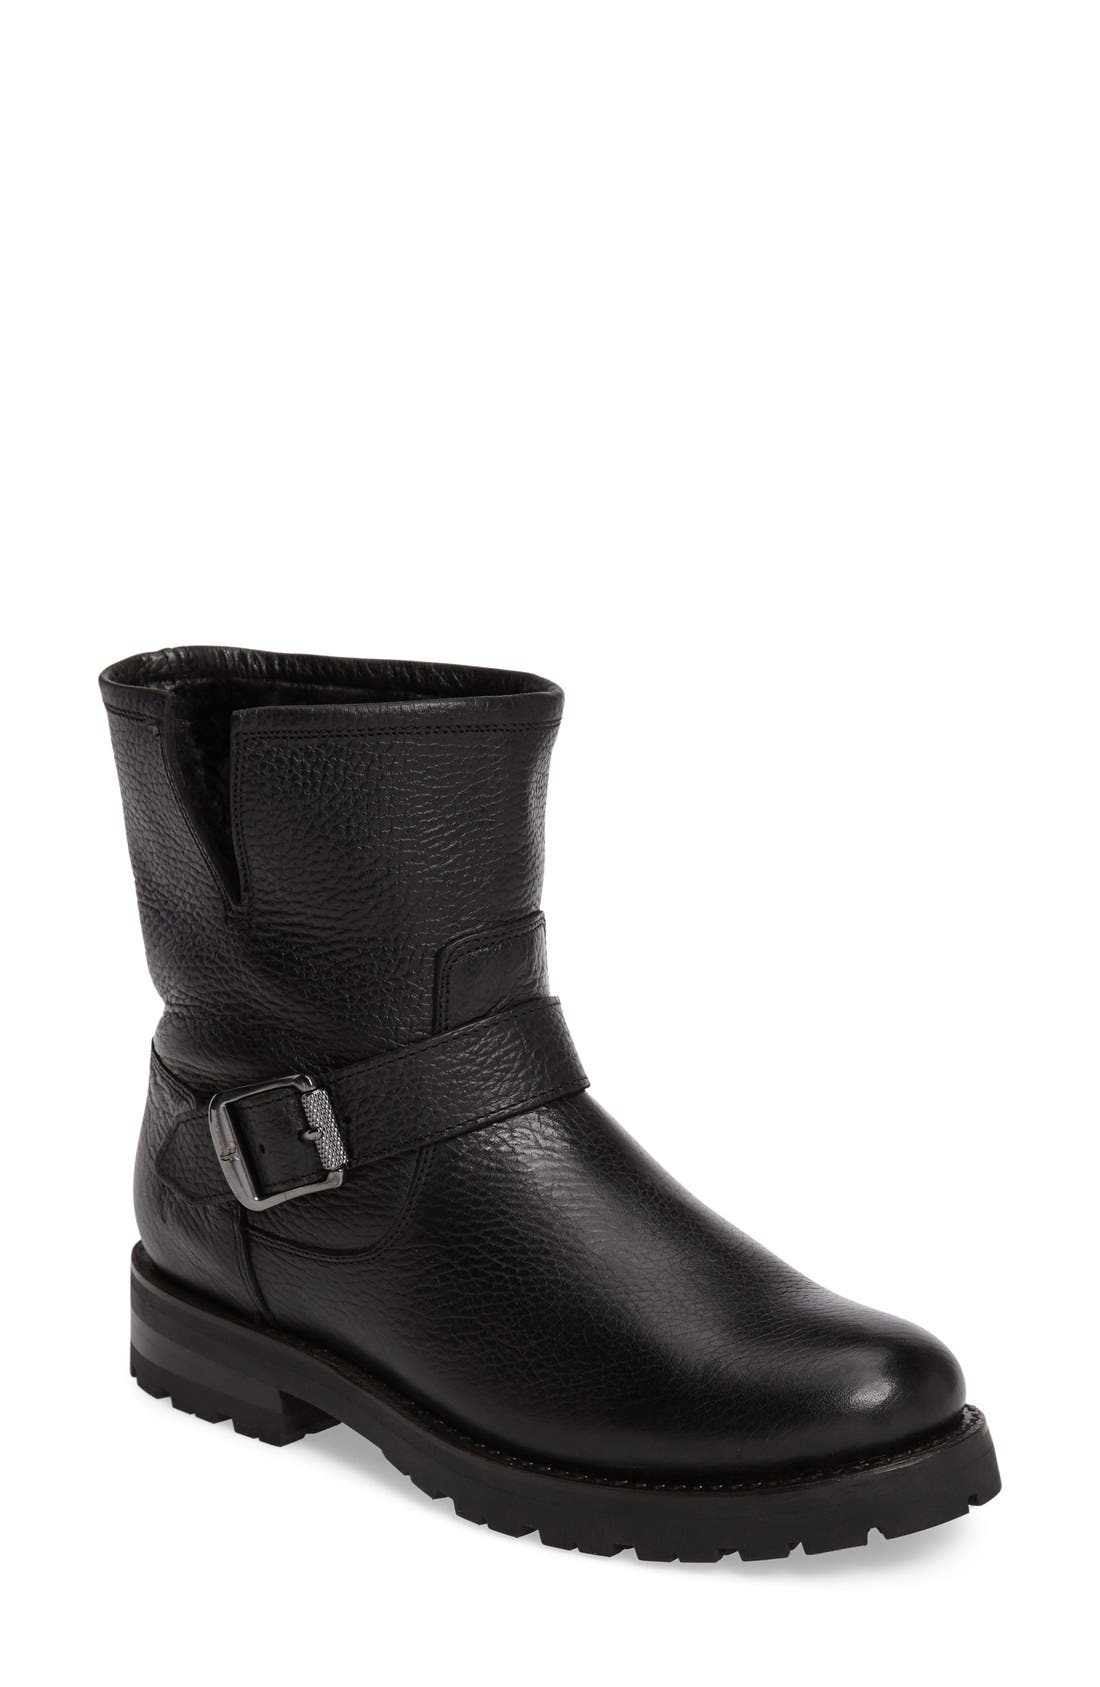 Frye Natalie Genuine Shearling Water Resistant Engineer Boot (Women)